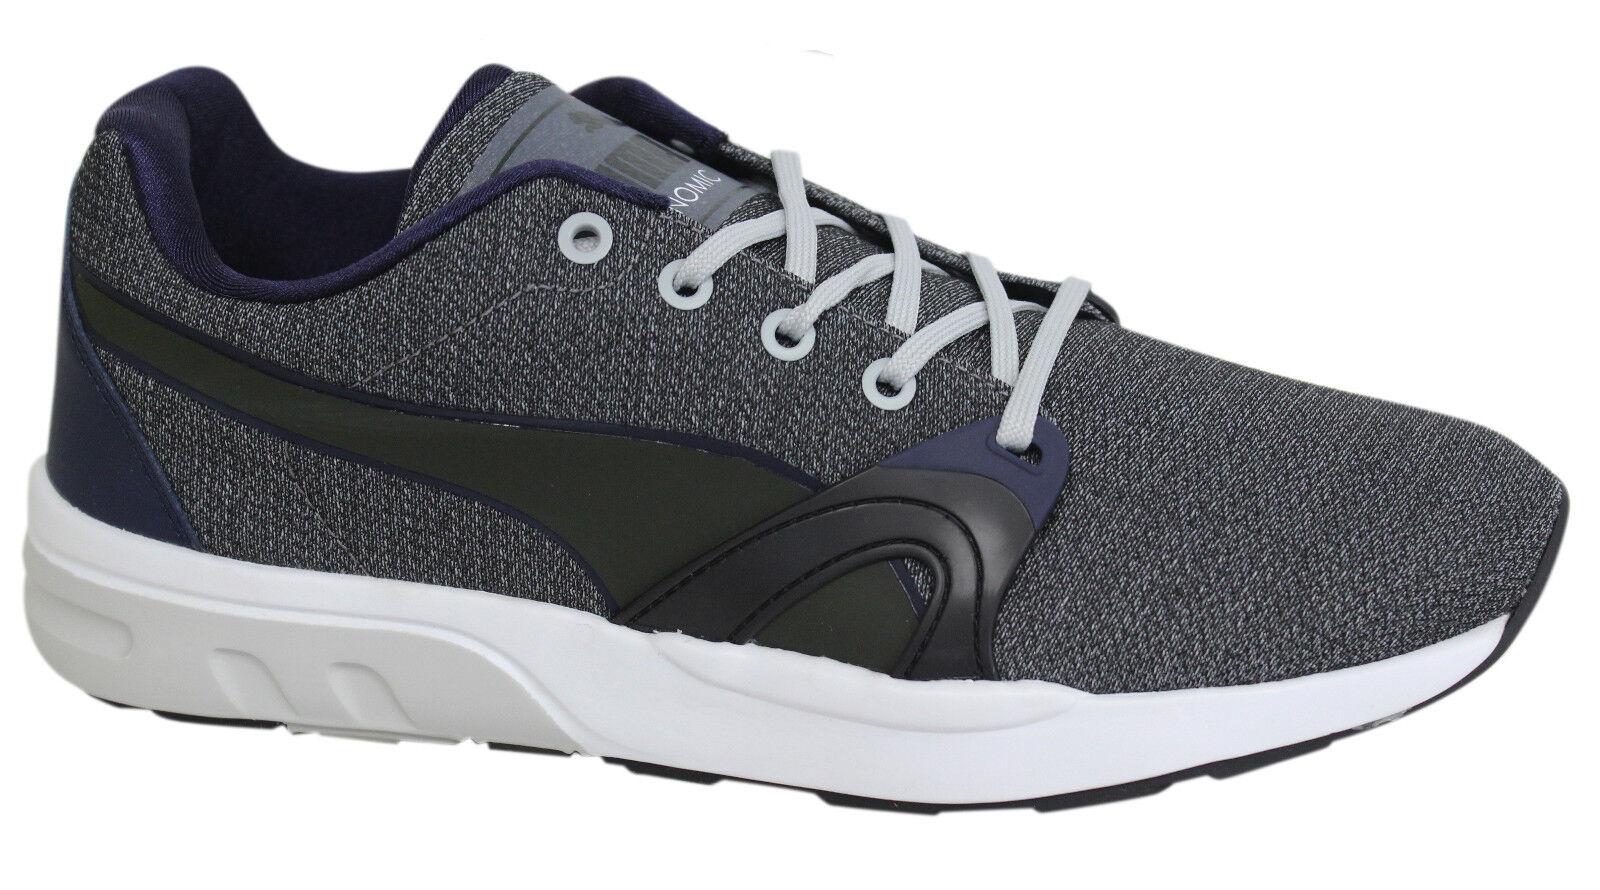 Puma Trinomic XT S homme  Gris  Navy Lace Up Trainers fonctionnement chaussures 359728 03 D104